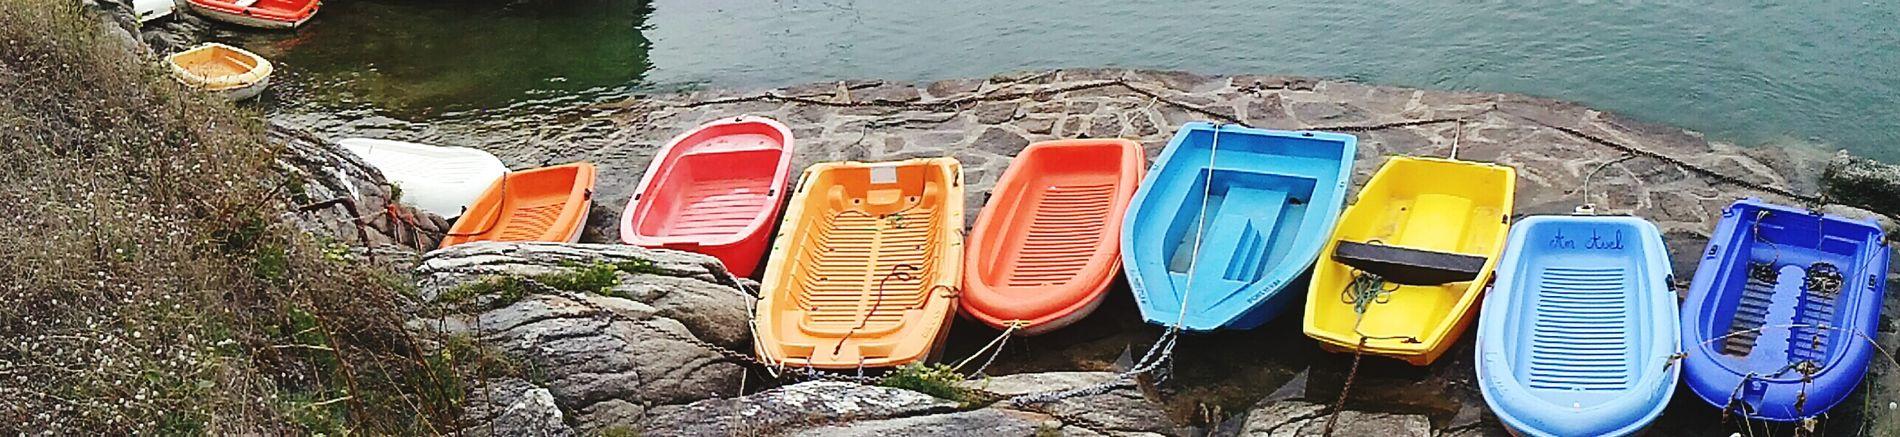 Small coloured boats Sea France Mare Francia Sea_collection Mare ❤ Mare E Sole Piriac-sur-mer Mer Boat Boats Boats⛵️ Barchetta